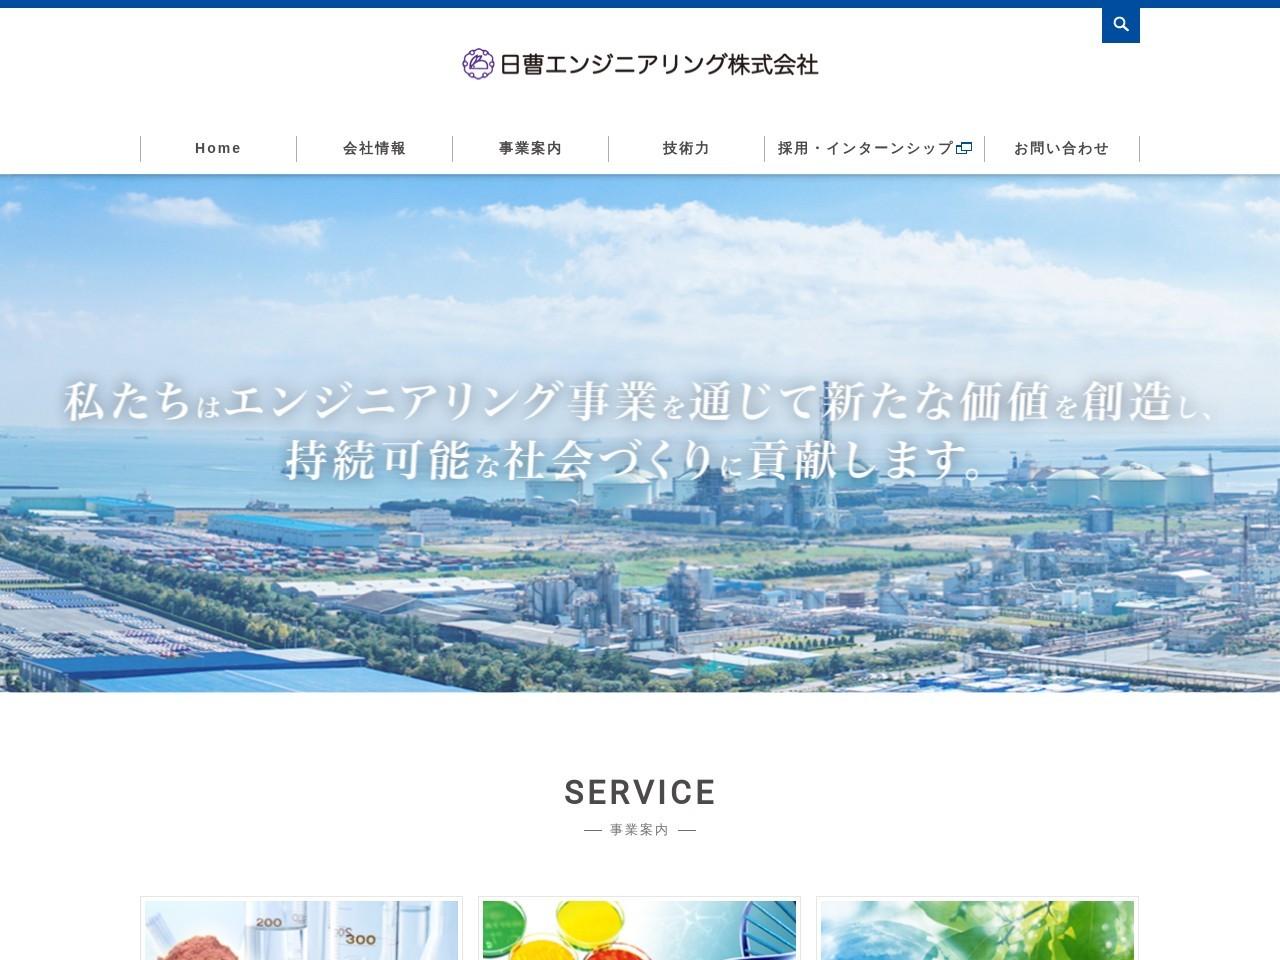 日曹エンジニアリング株式会社北陸事業所